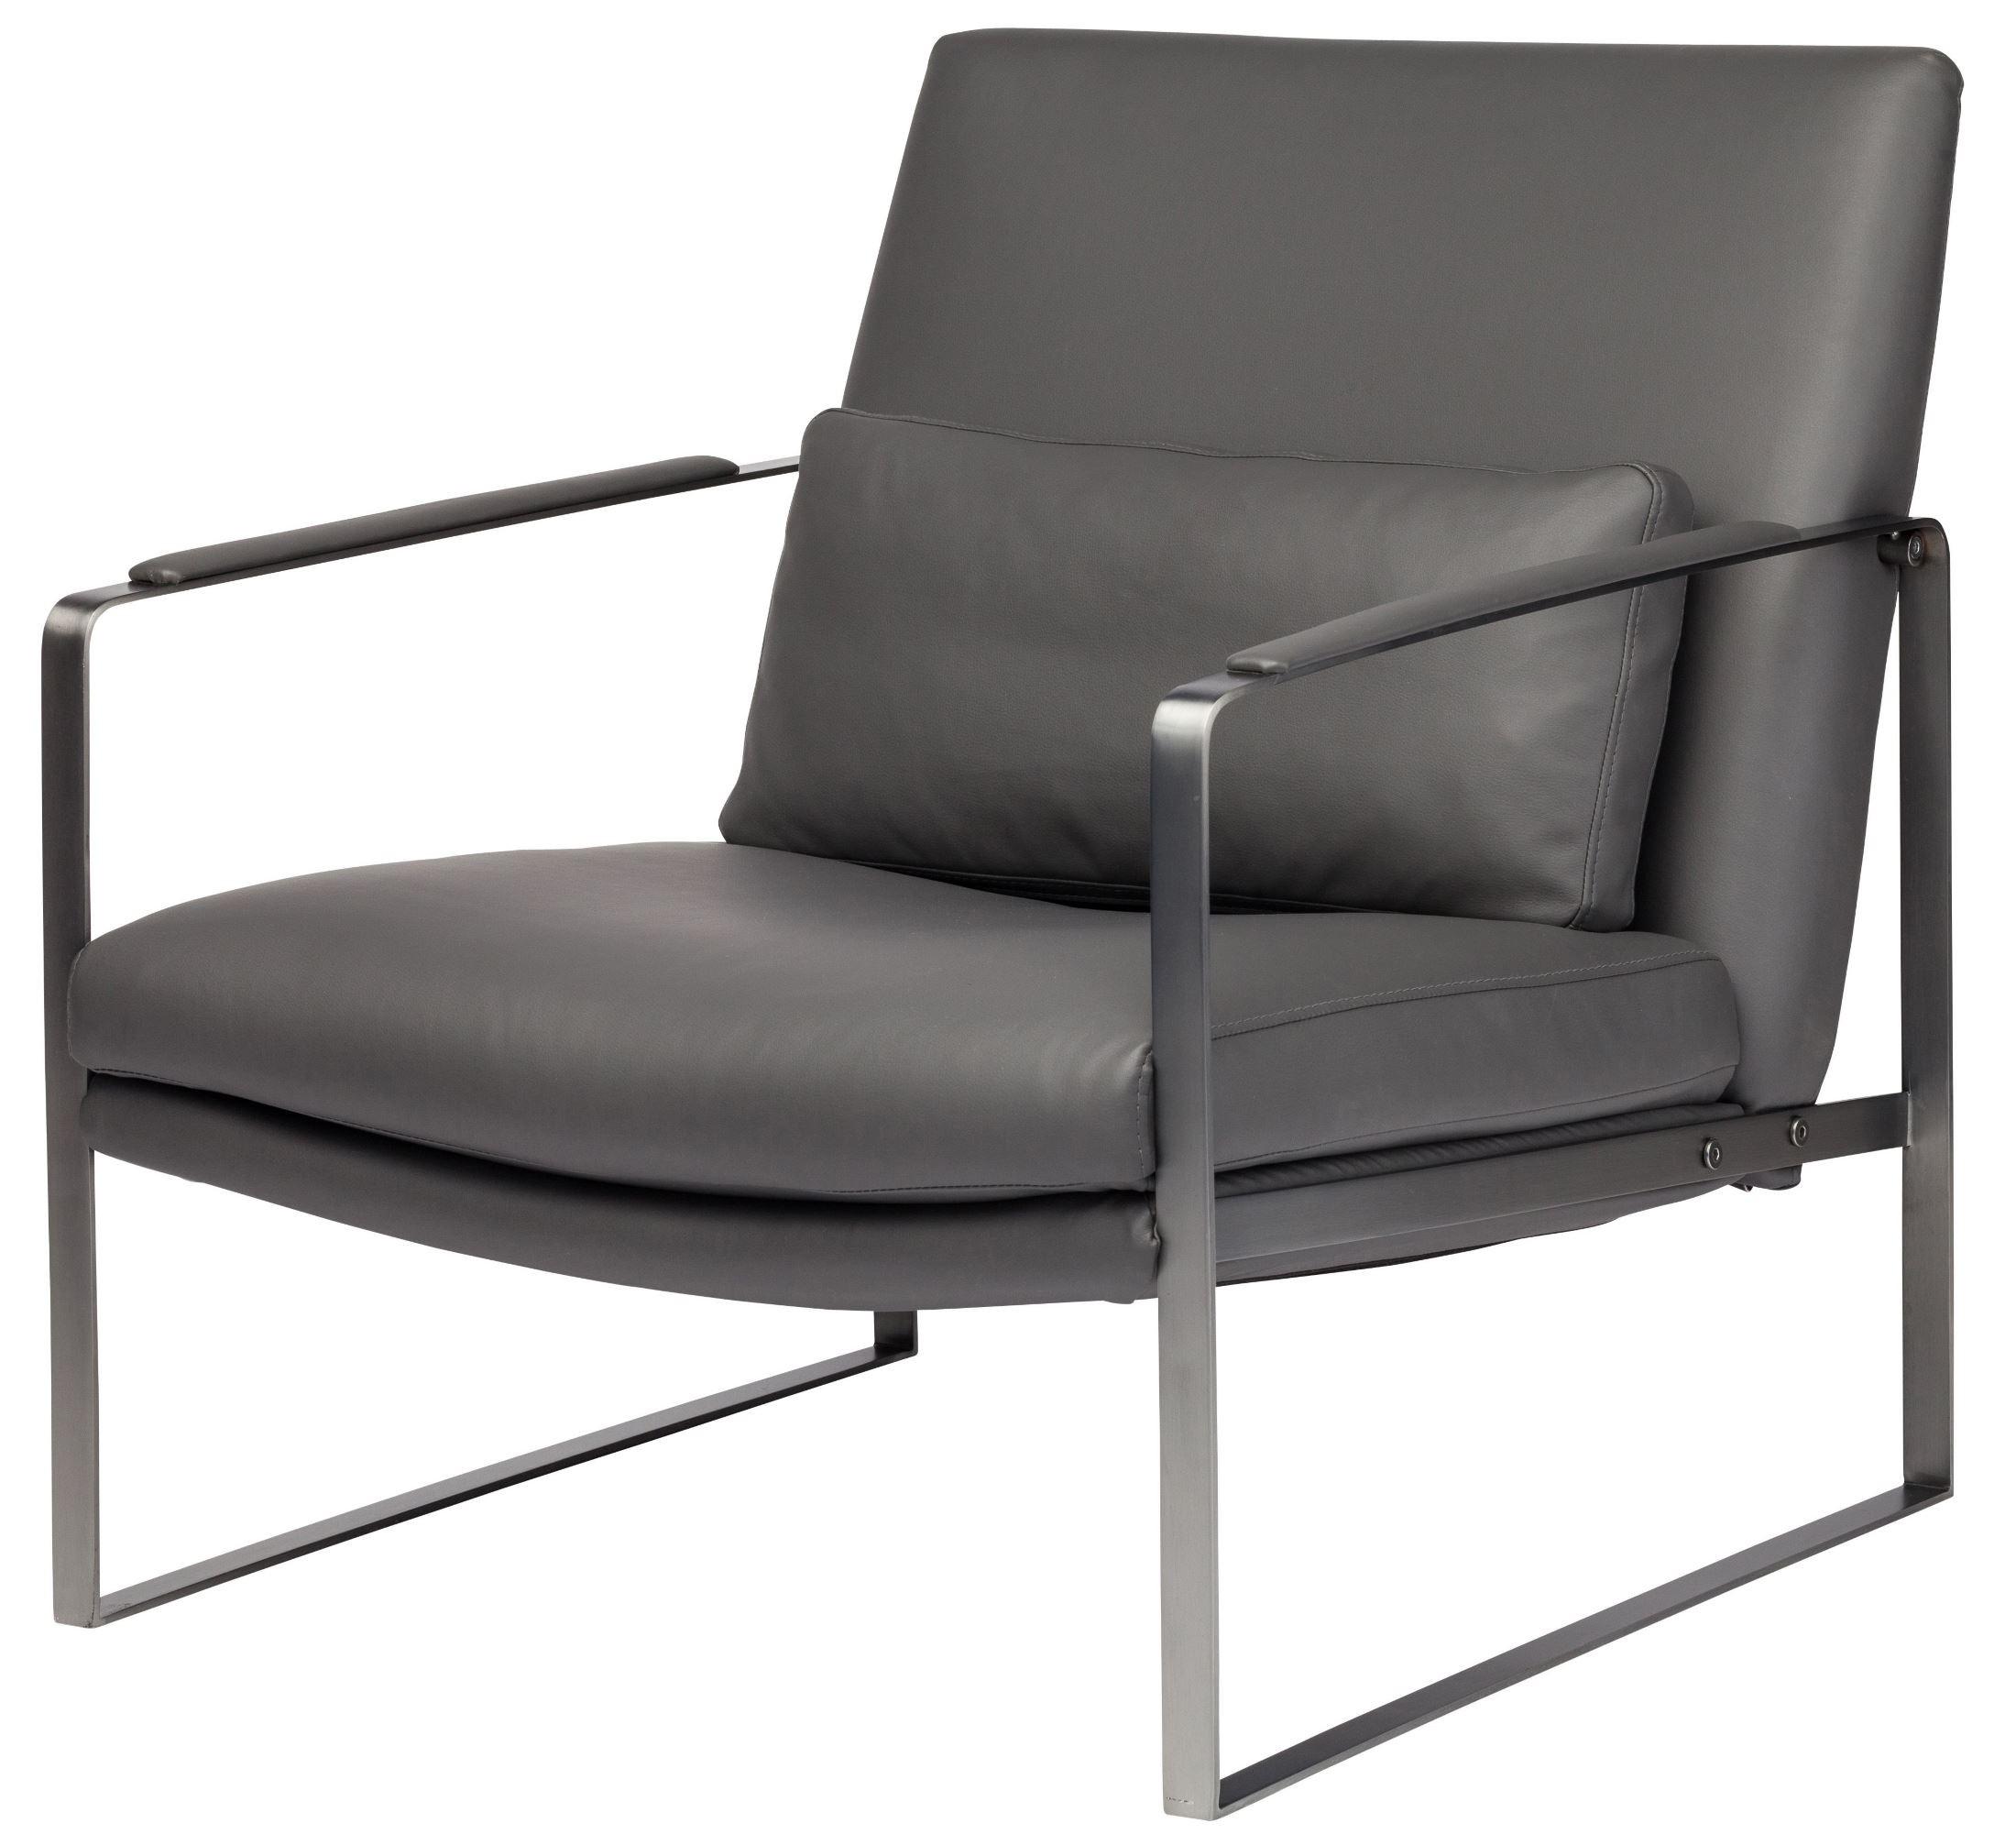 Leonardo Grey Naugahyde Lounger Chair HGDJ944 Nuevo